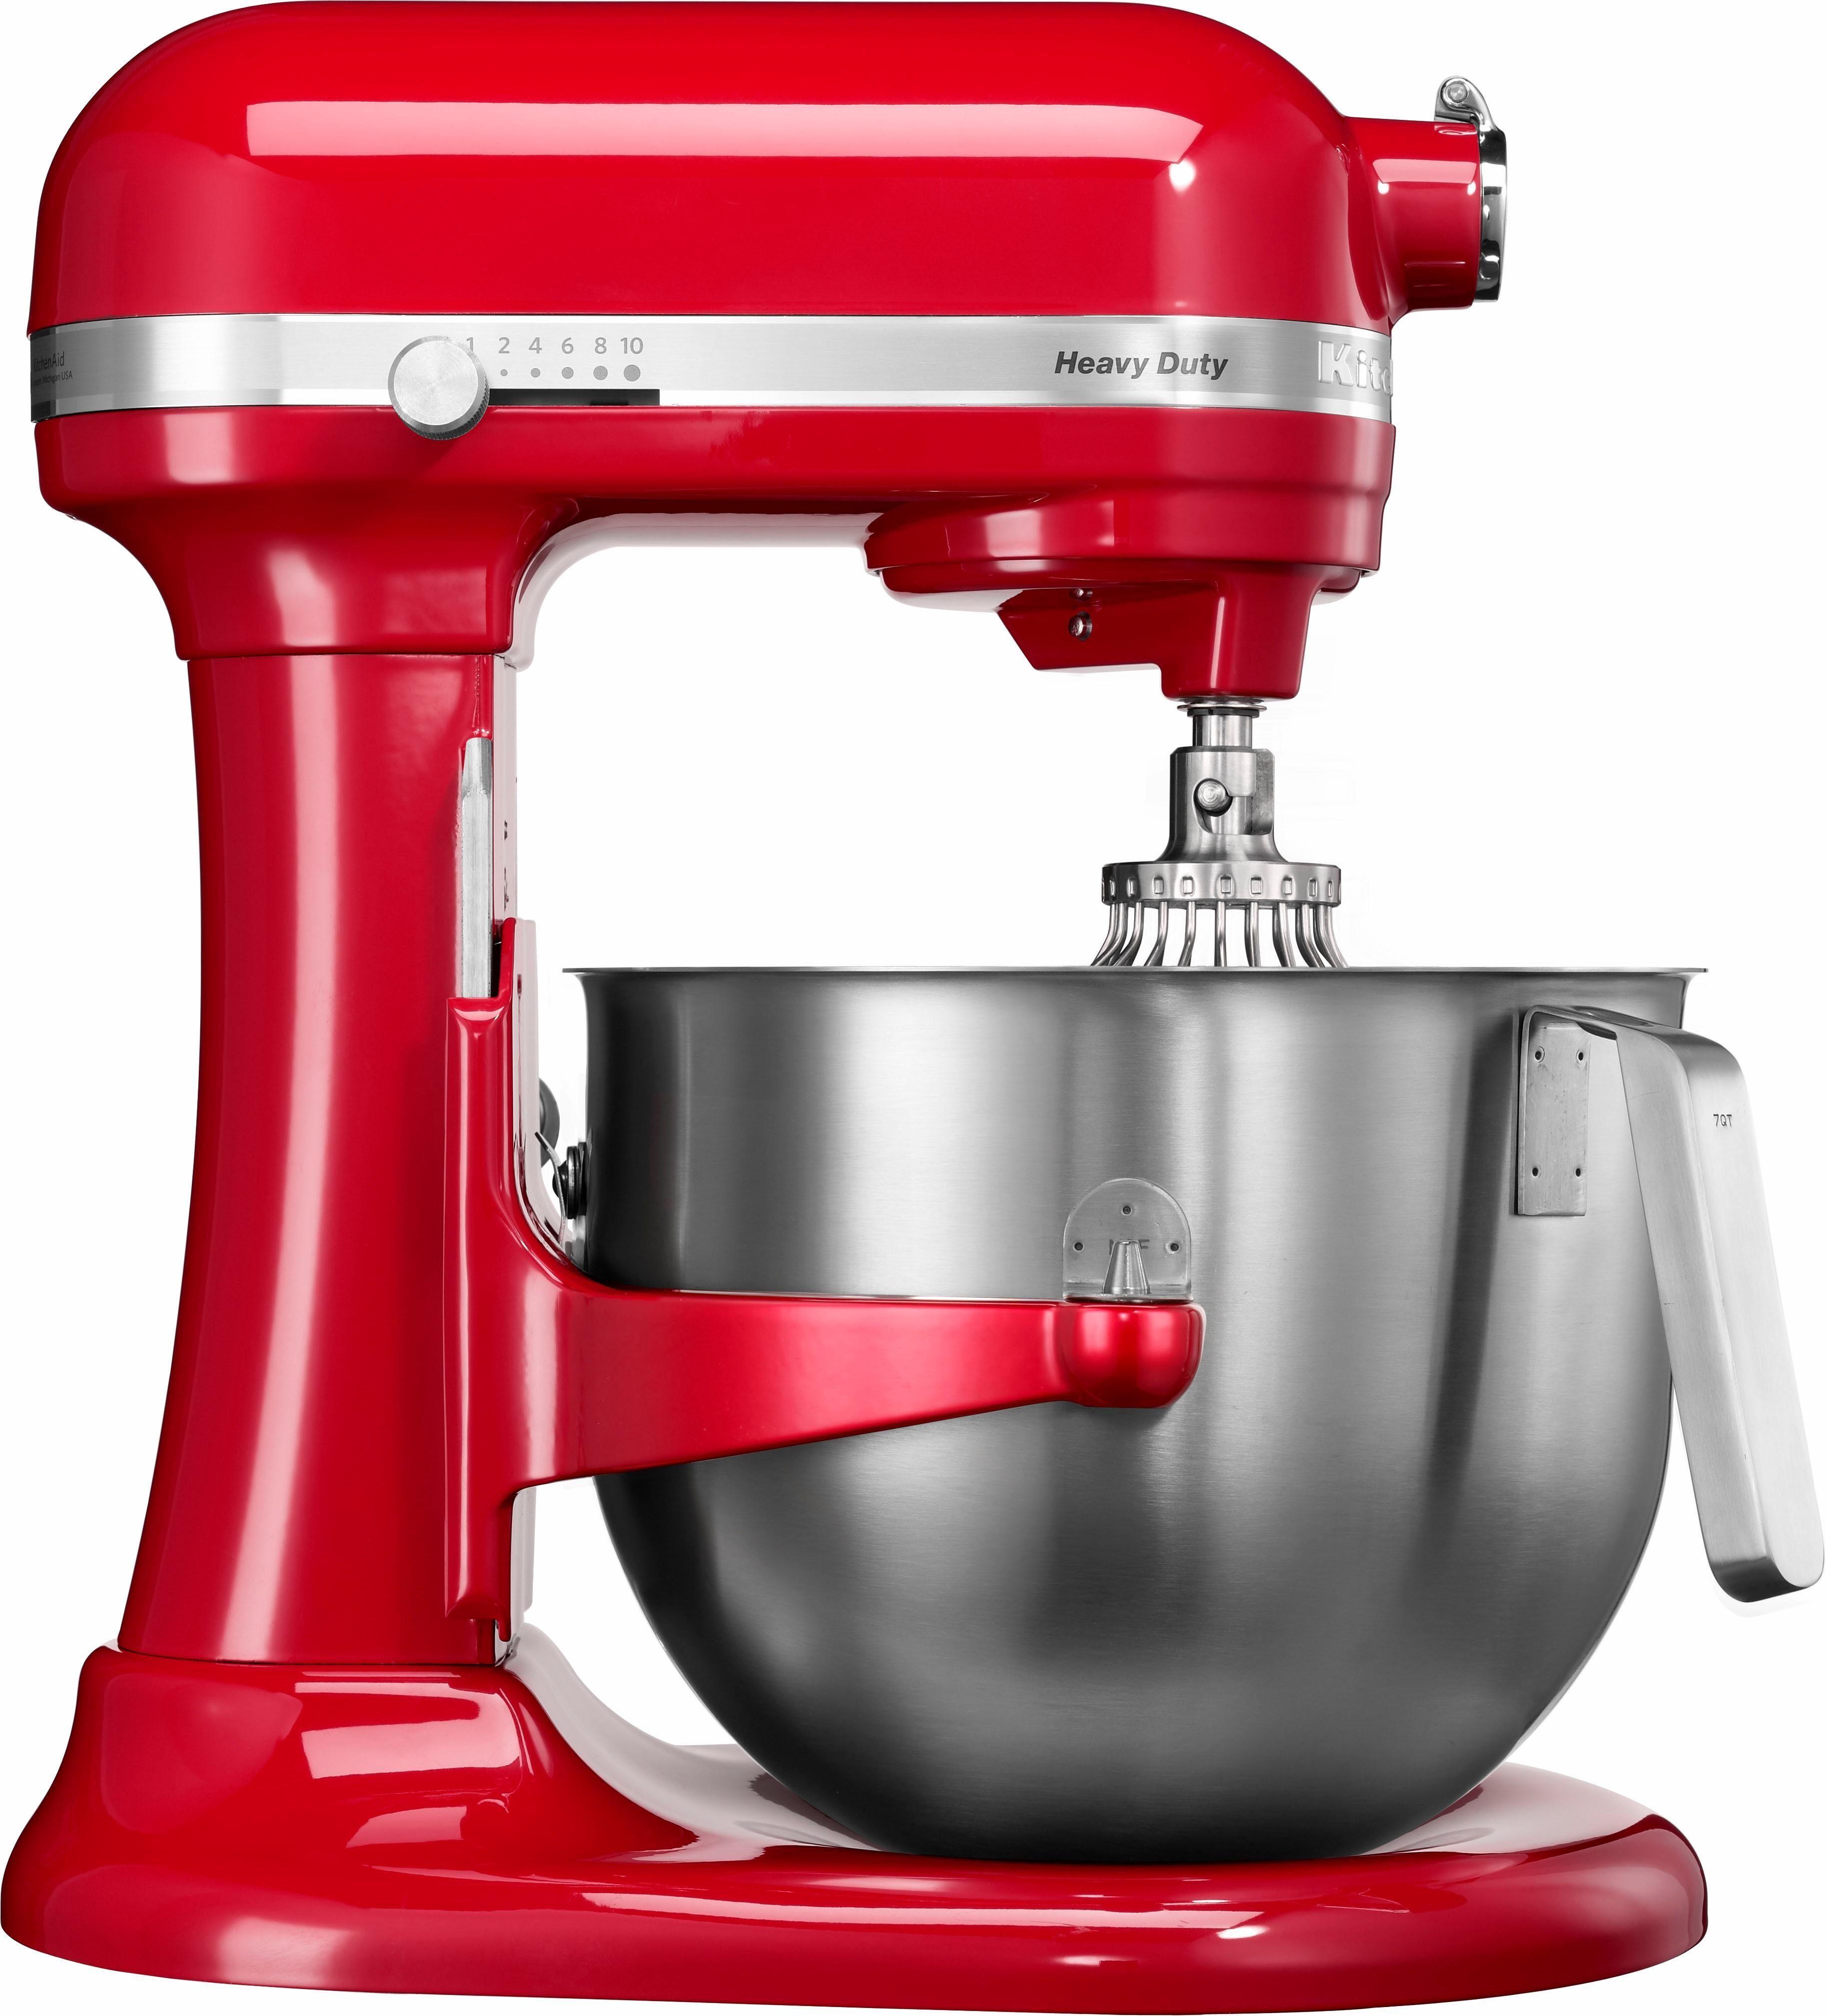 KitchenAid Küchenmaschine HEAVY DUTY 5KSM7591XEER, 500 W, 6,9 l Schüssel, mit Schüsselheber